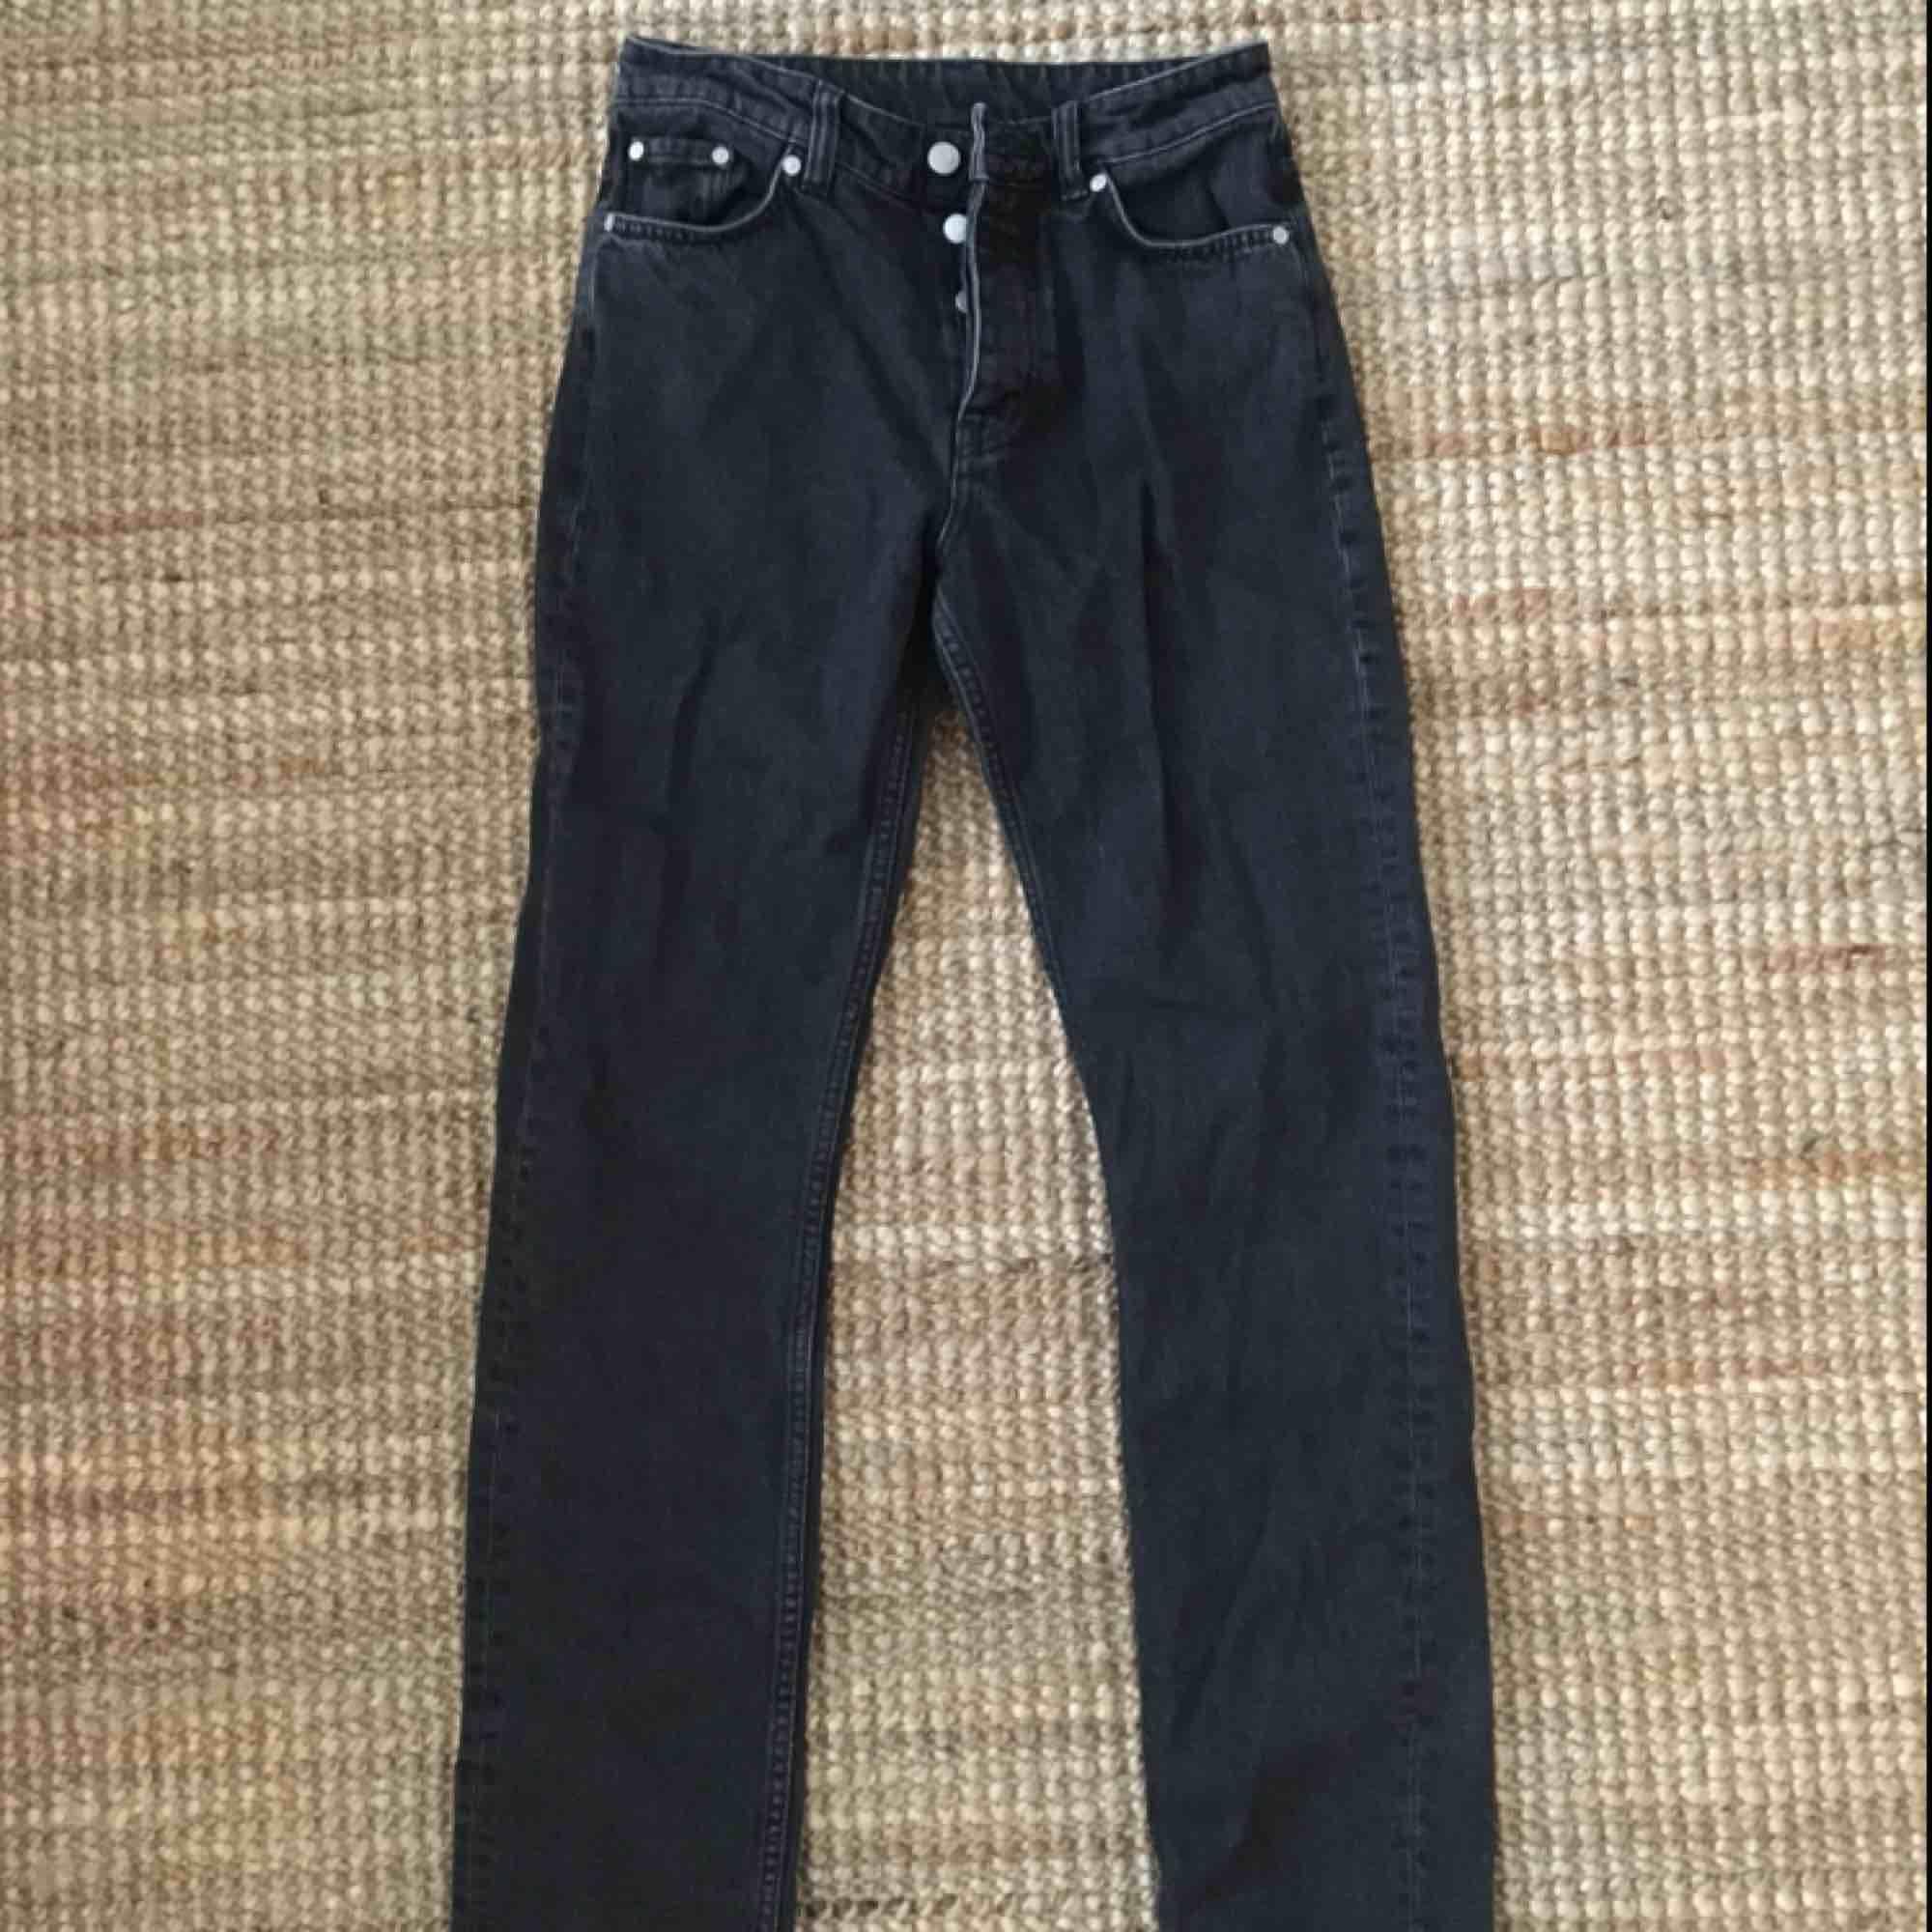 LINE JEANS från Weekday stl 26/32 Rak modell, tvättad svart färg. Fint skick, knappt använda pga fel storlek Köparen står för frakt, ca 50kr💖 kan hämtas upp i Lund eller Malmö . Jeans & Byxor.